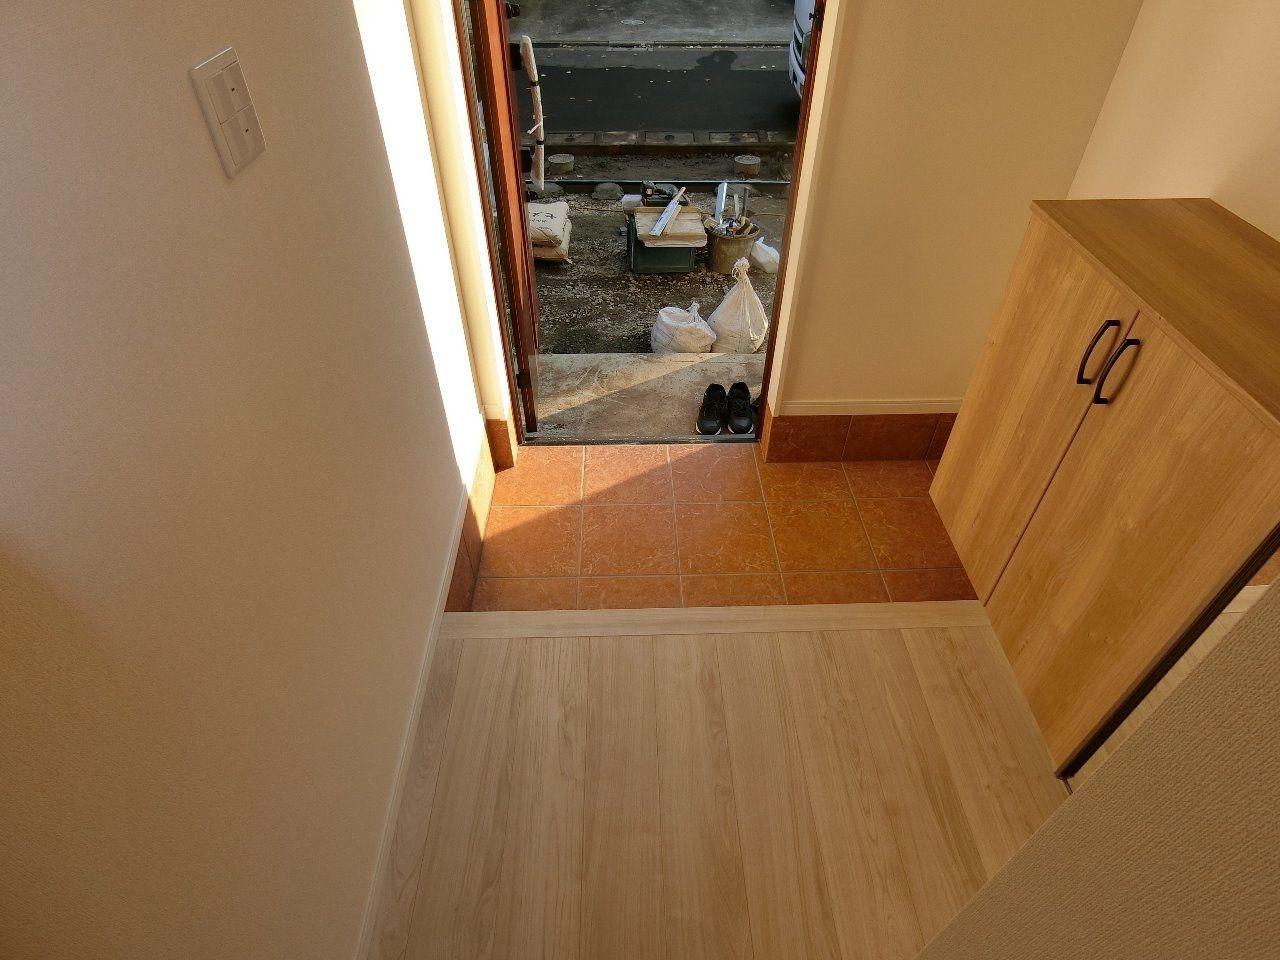 右に見えているのが玄関収納です。たっぷり収納できます。